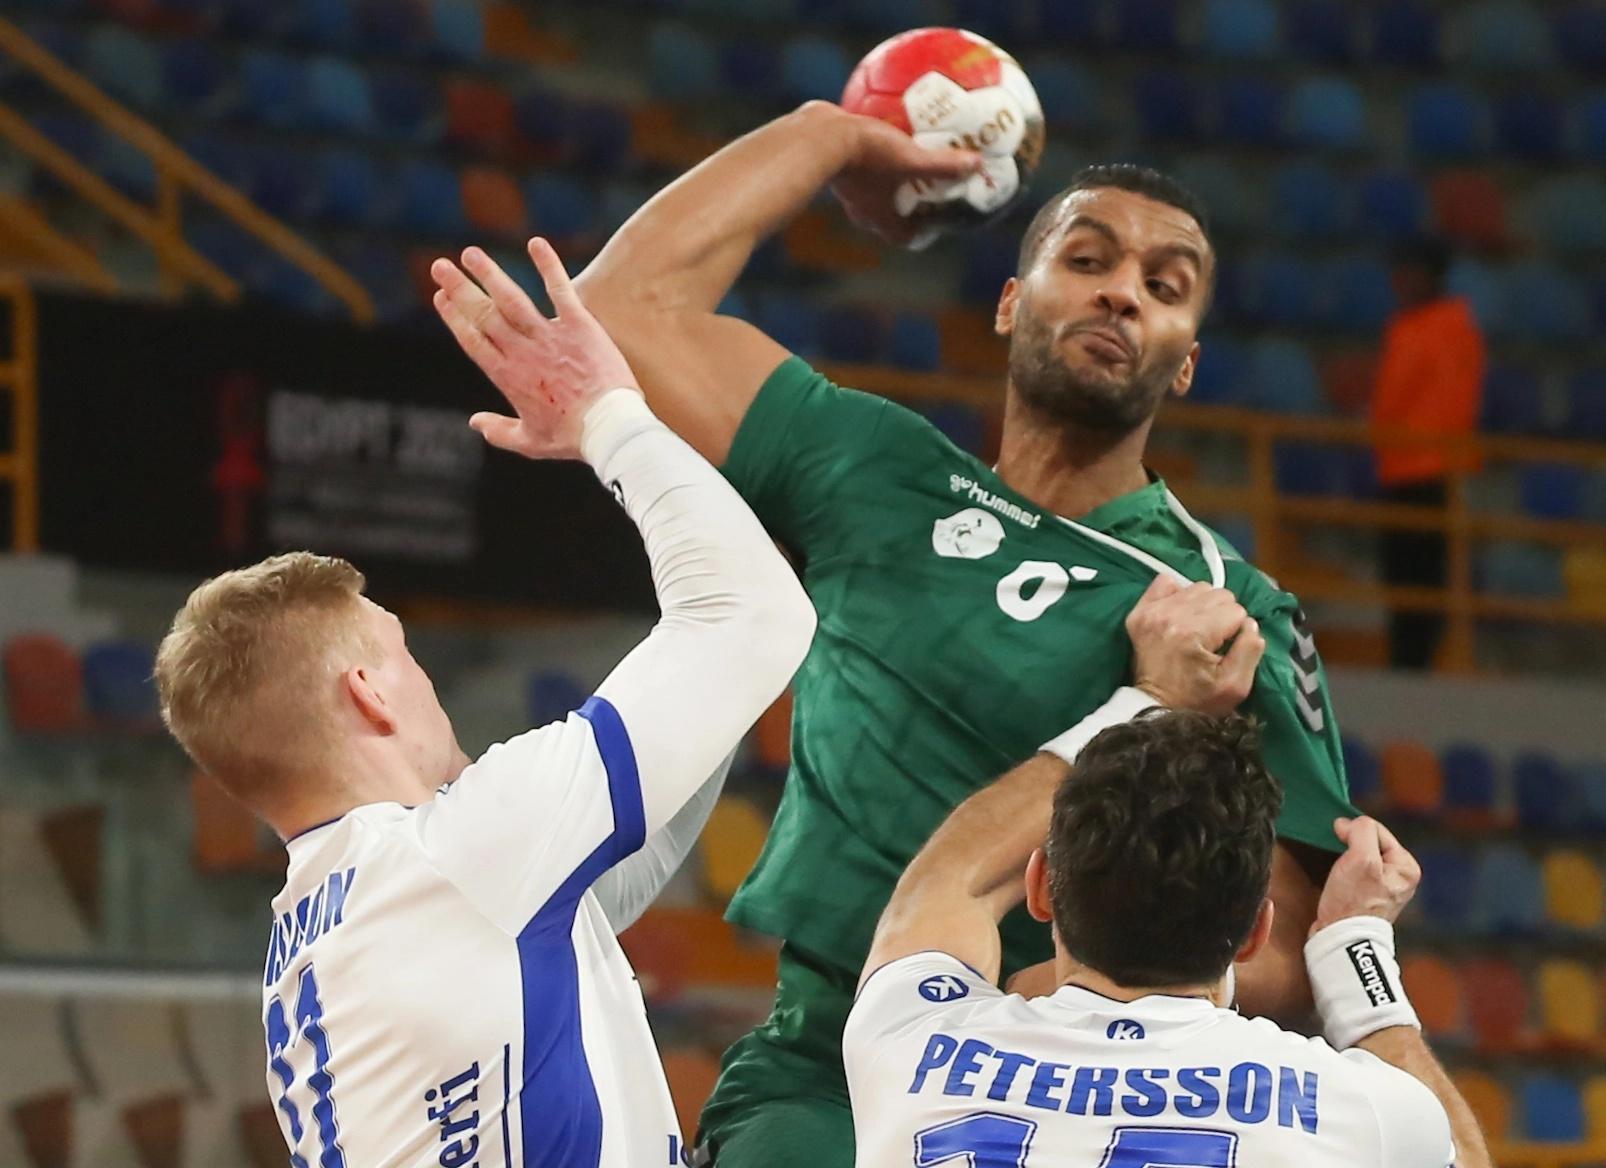 بطولة العالم لكرة اليد: انهزام الجزائر أمام إيسلندا بـفارق عريض